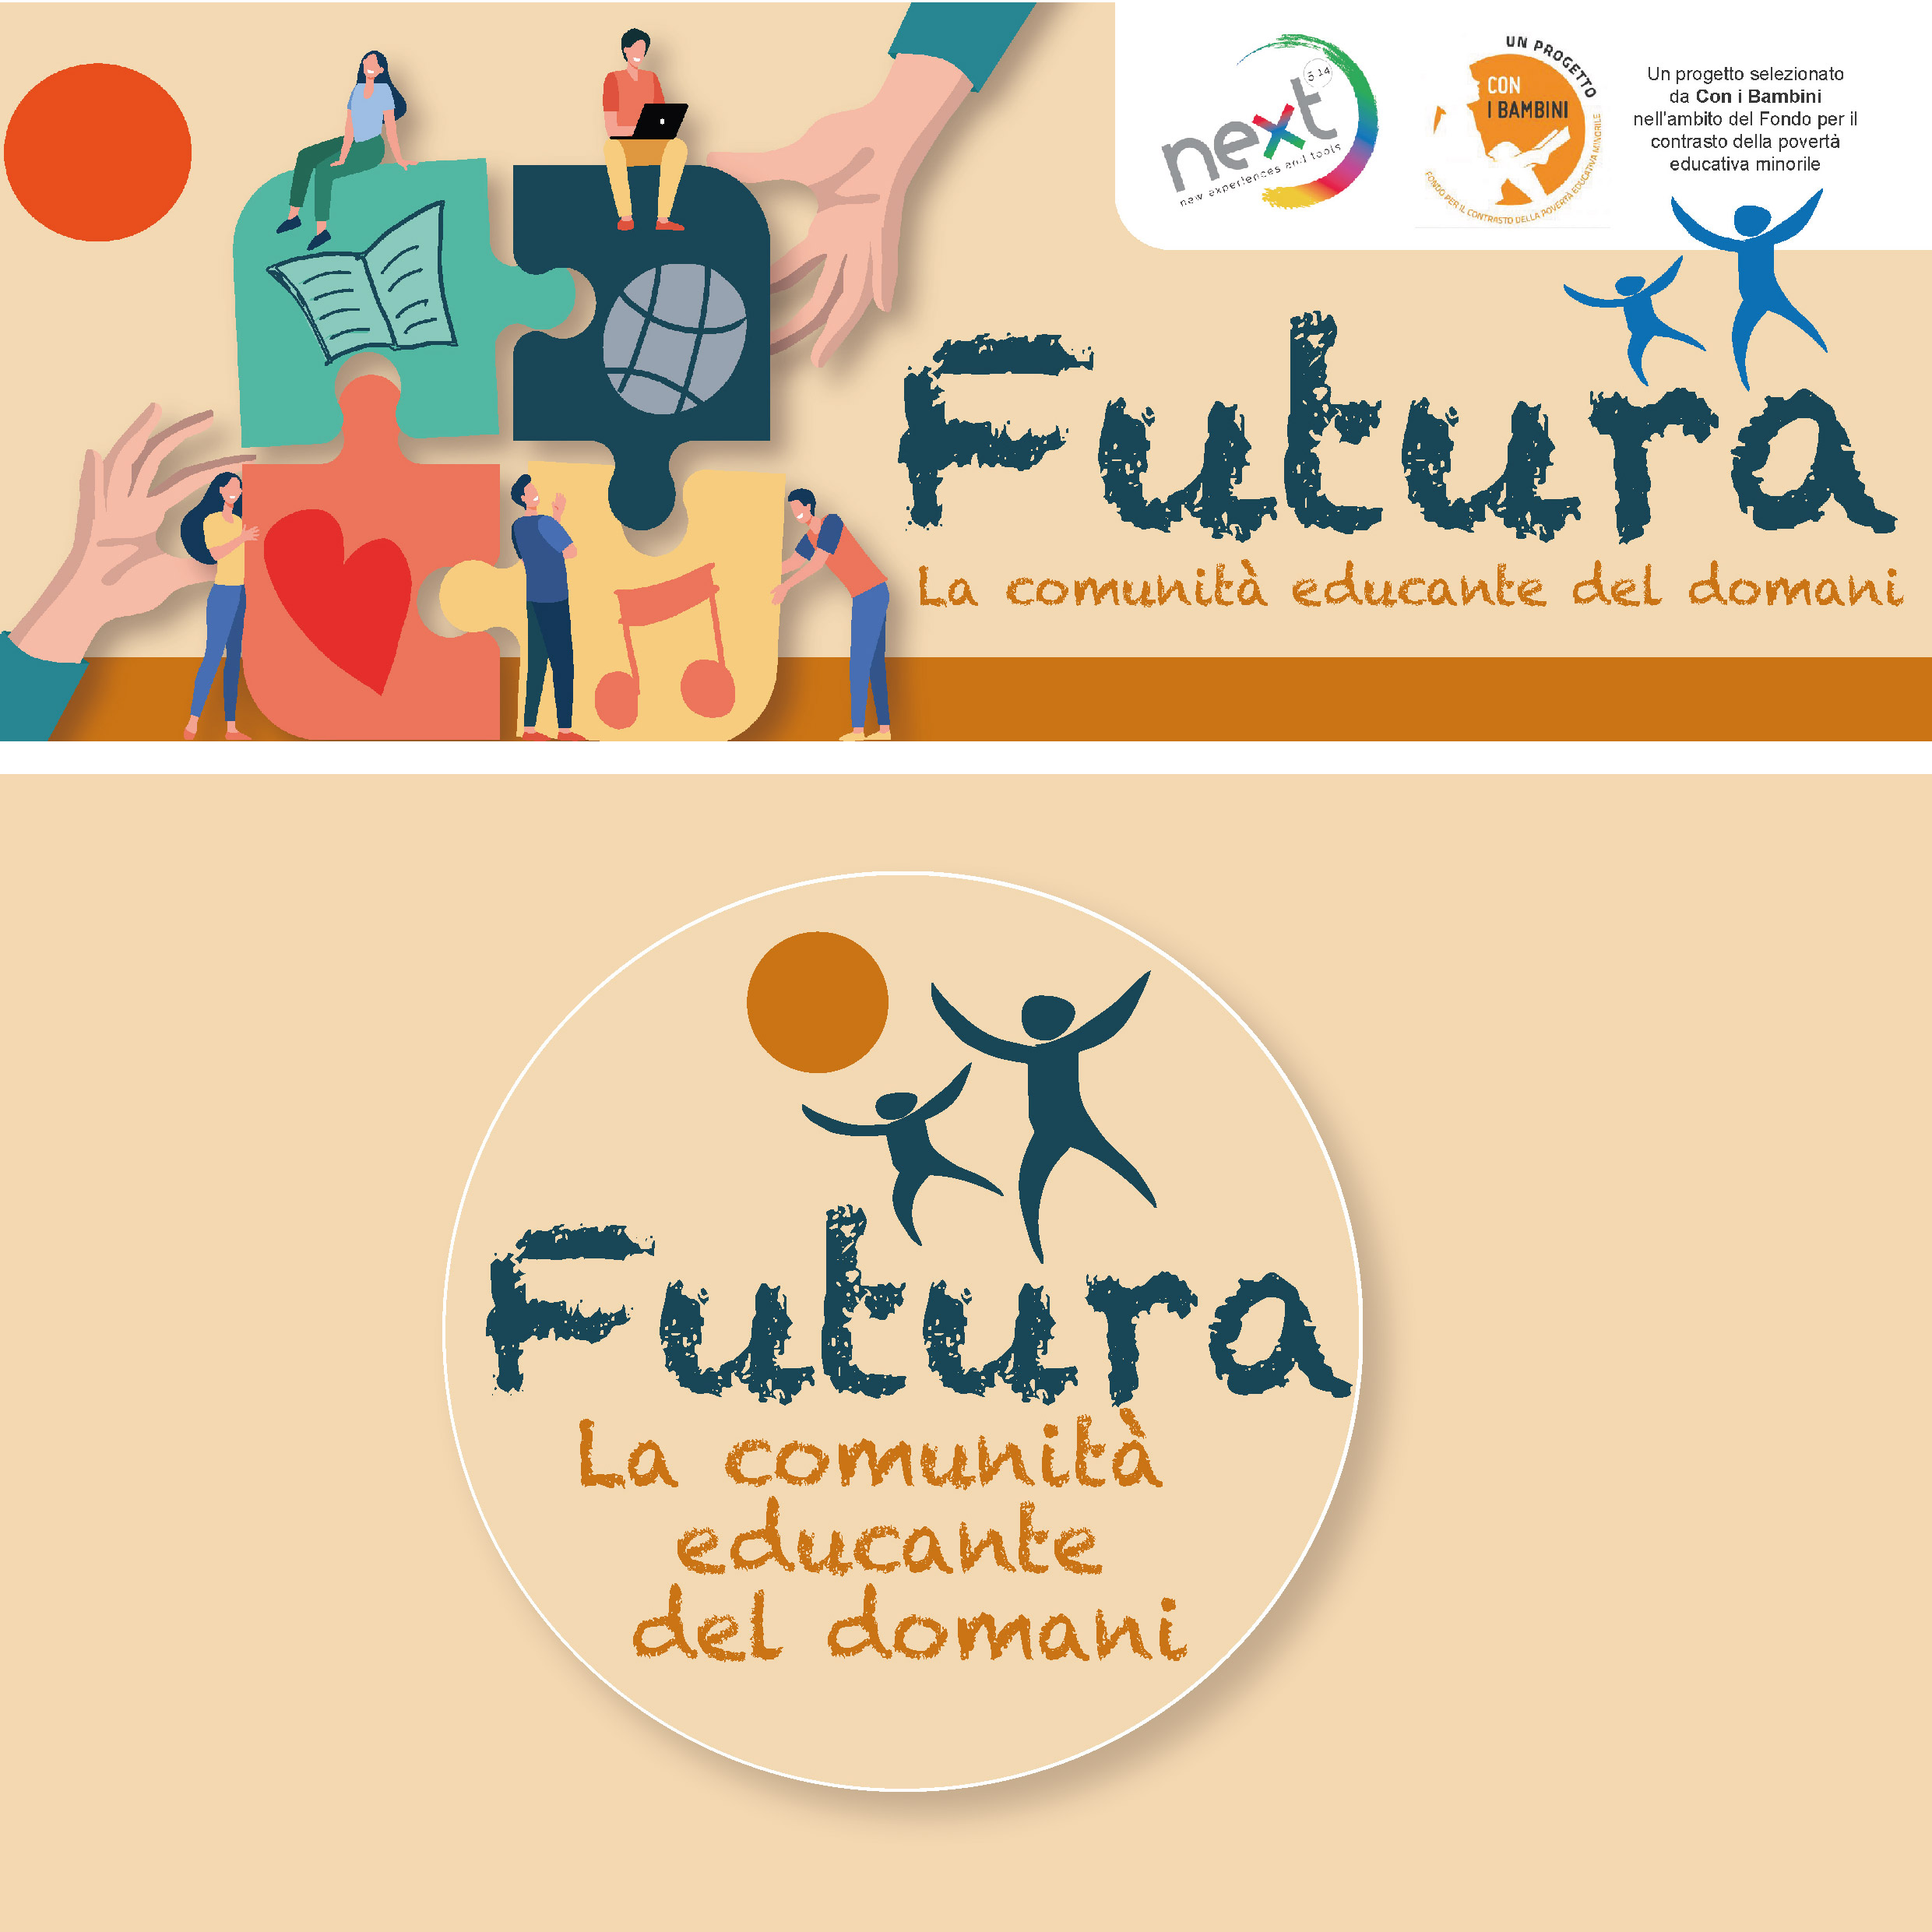 Futura, la comunità del domani